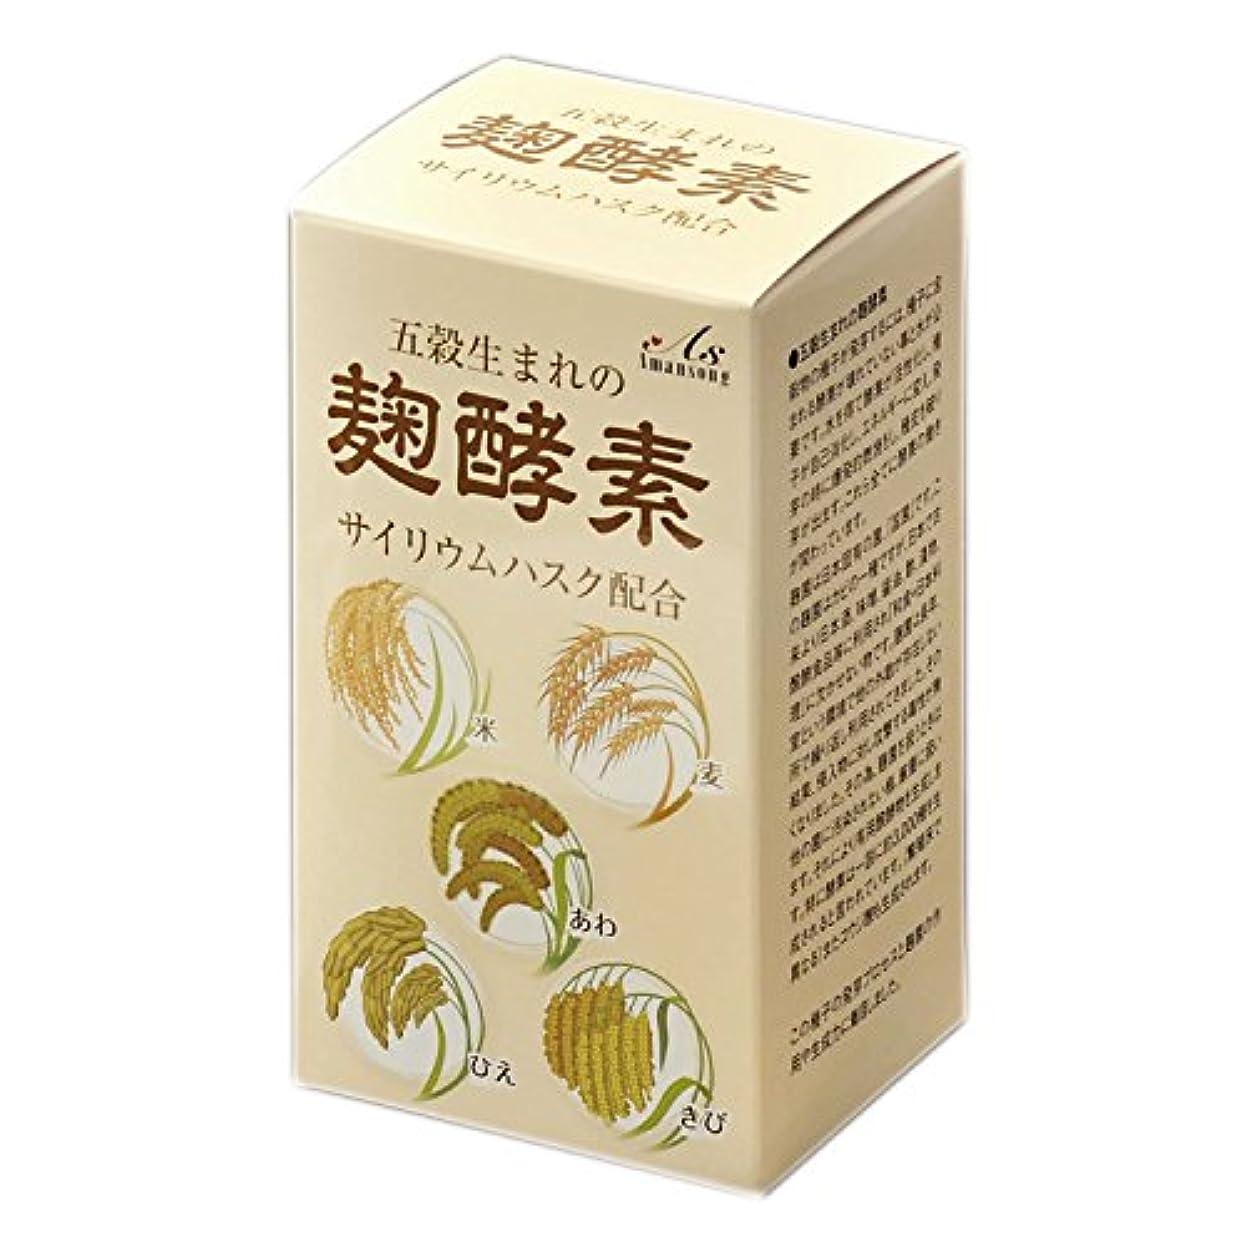 エゴマニア湿度意図するA?S 五穀生まれの麹酵素 ヨーグルト風味で、活きた酵素を手軽に摂取 30包入り